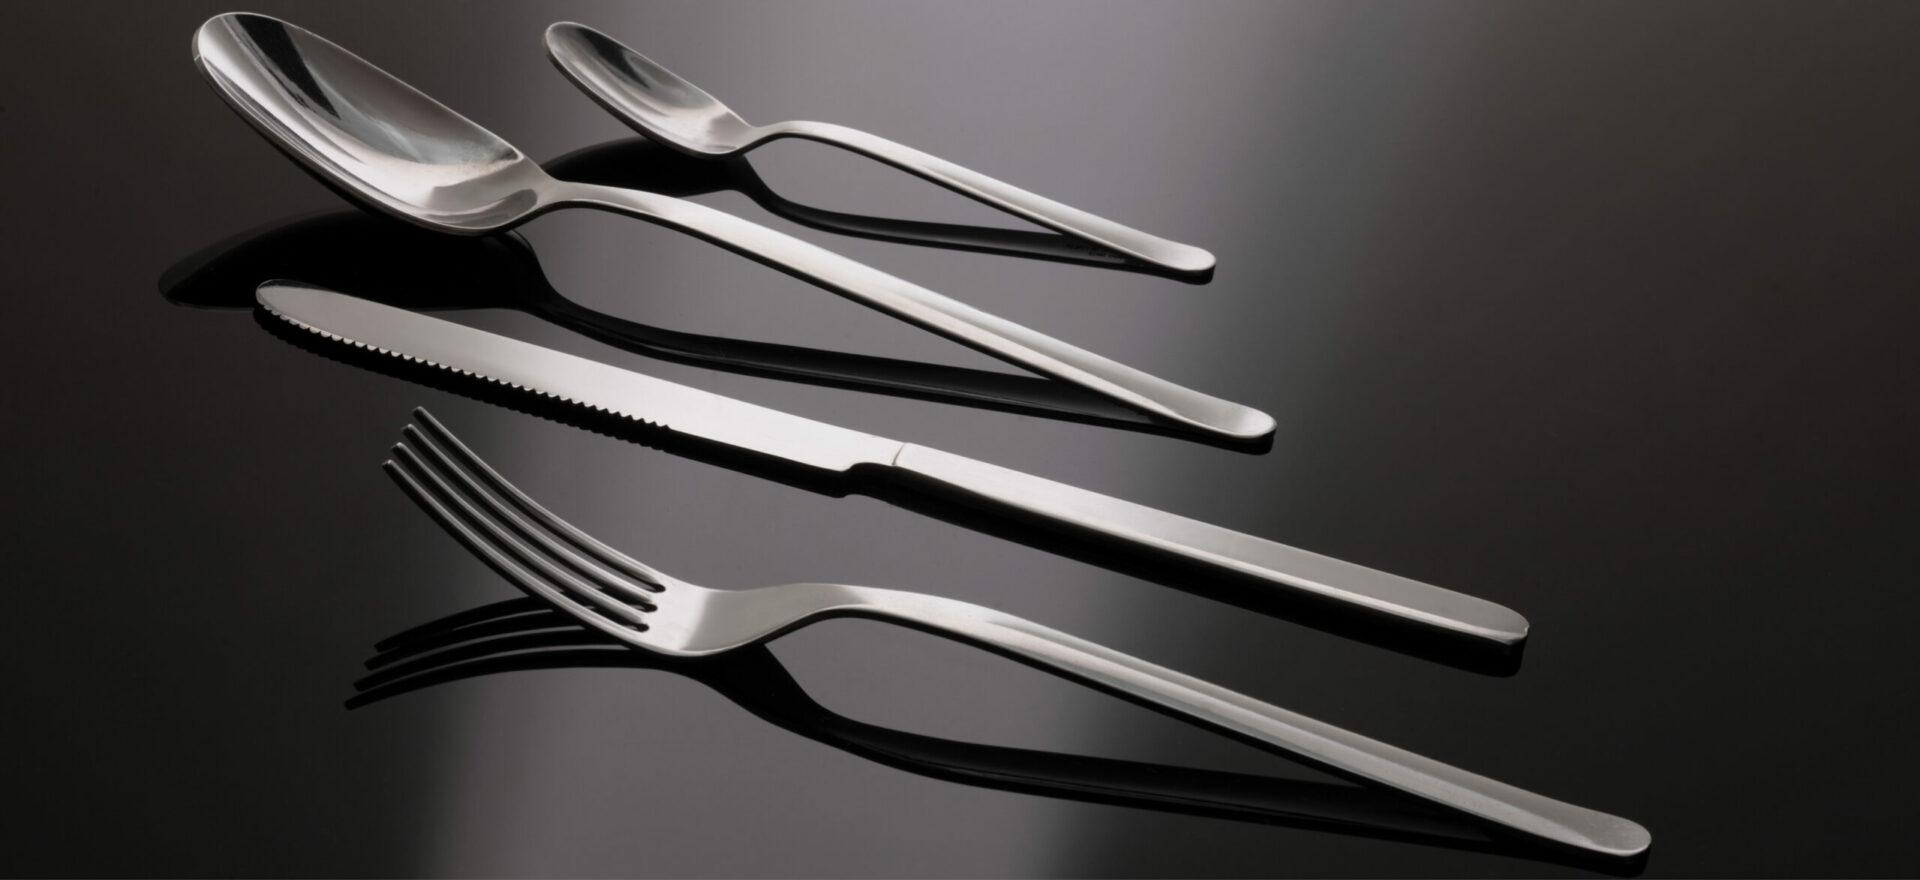 Semplice | Product Design | Cutlery | Coop Italia| Mario Trimarchi Design | Ph Santi Caleca